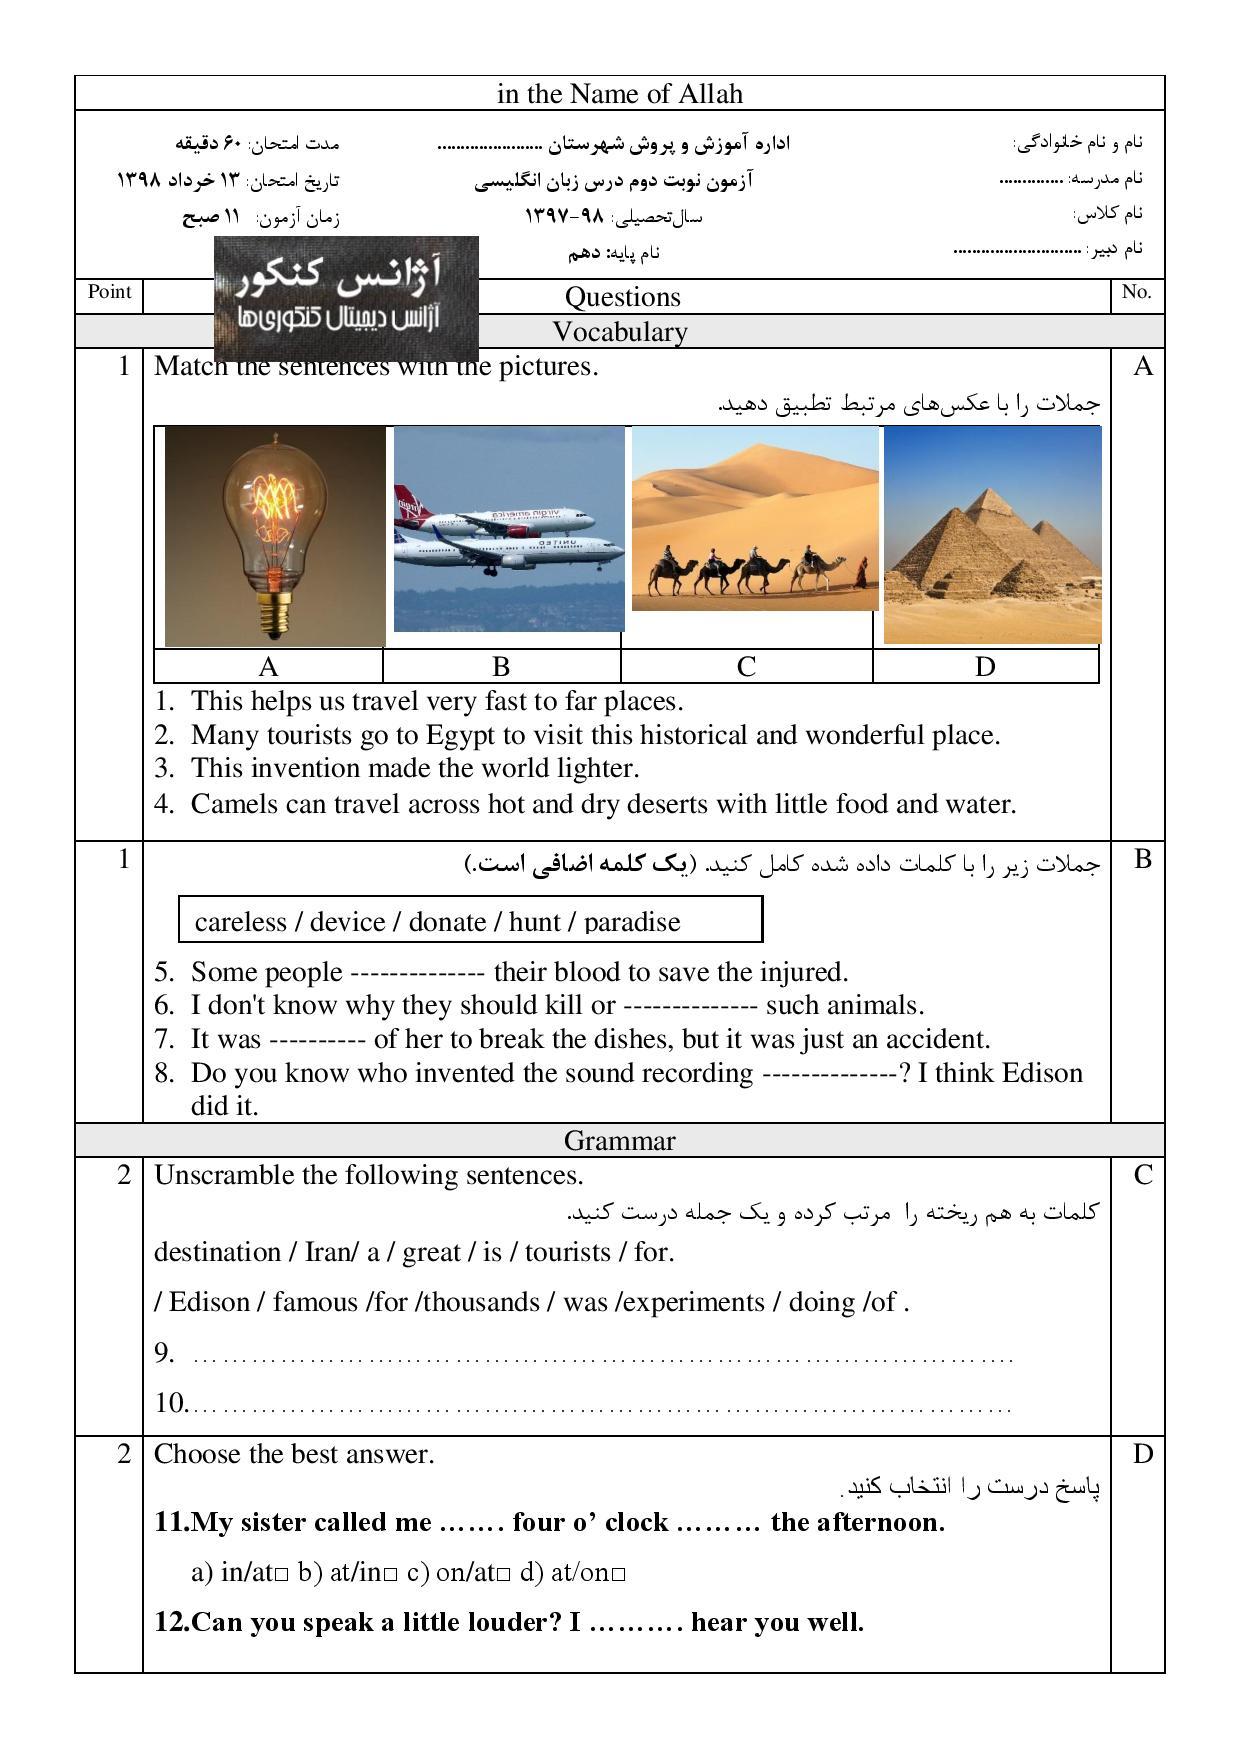 عکس-page-001 (2)